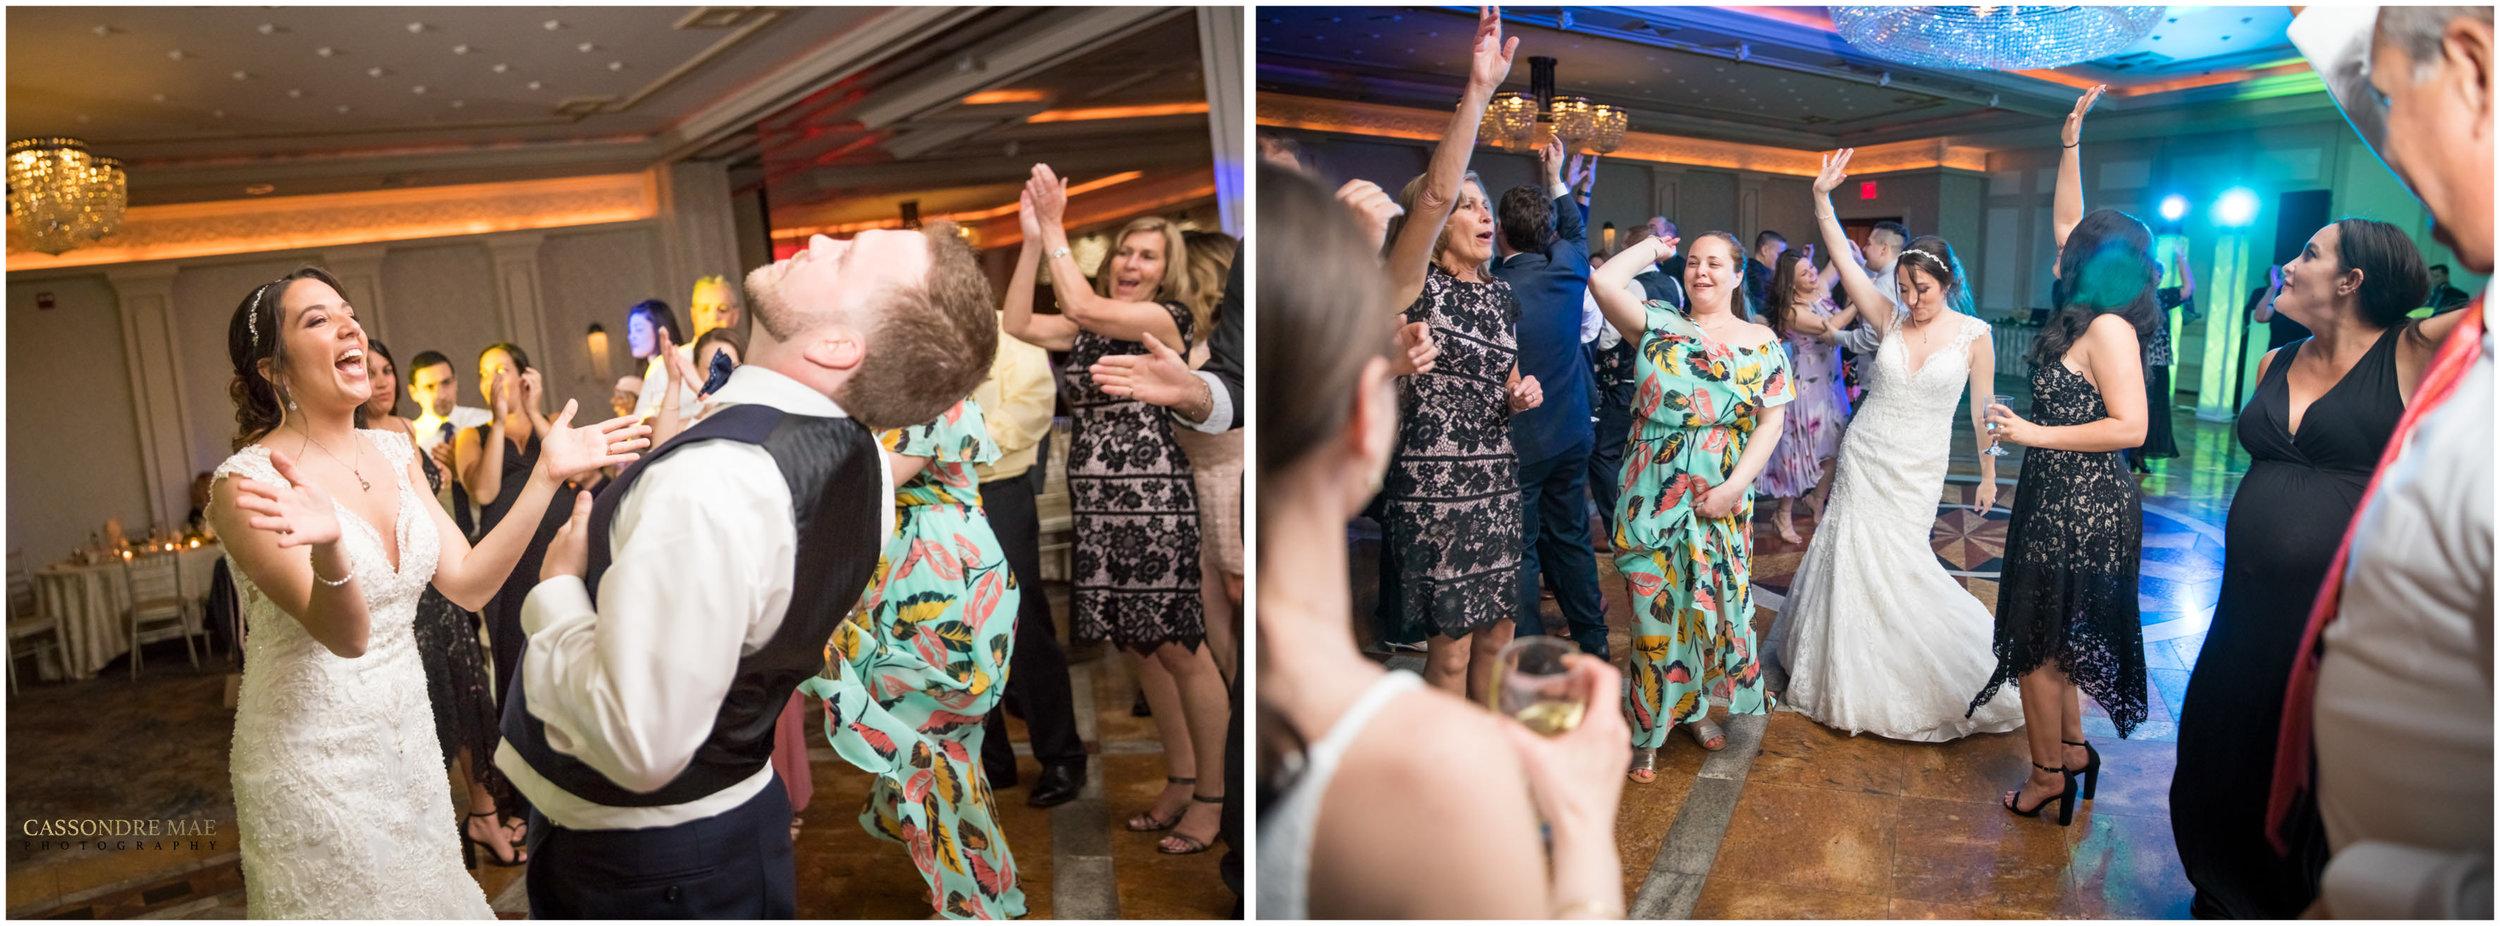 Cassondre Mae Photography Marina Del Ray Weddings 10.jpg